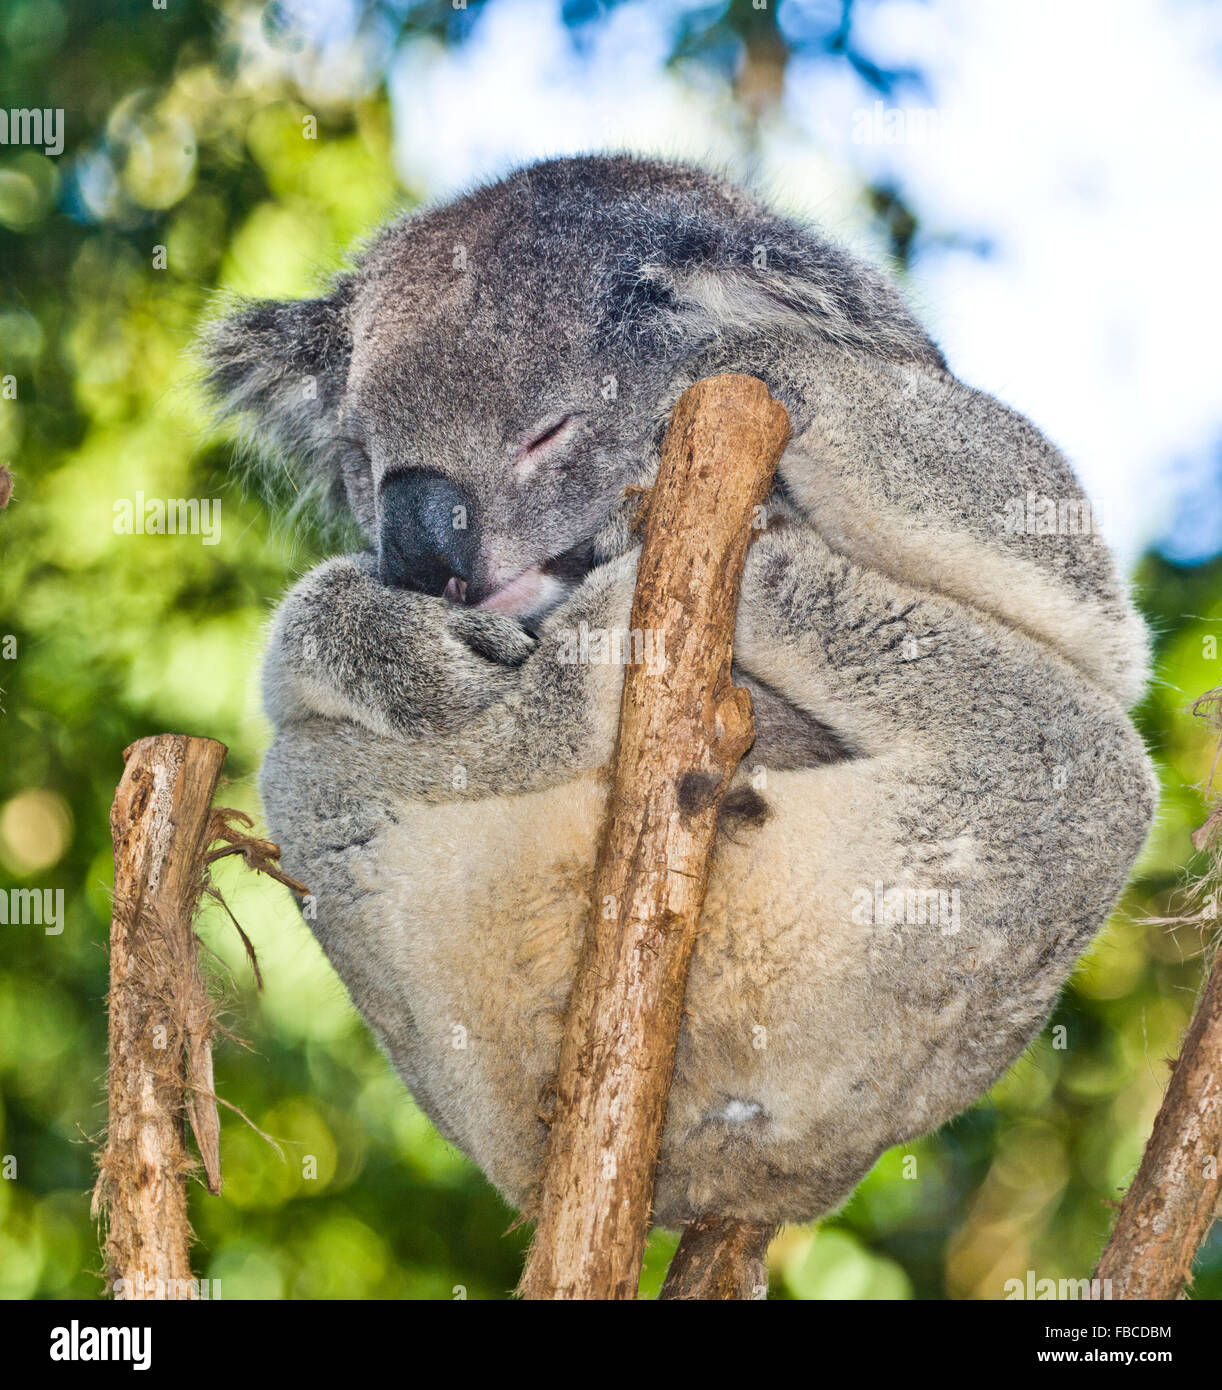 Australia, snoozing Koala, Phascolarctos cenereus, thickset arboreal marsupial herbivore native to Australia - Stock Image